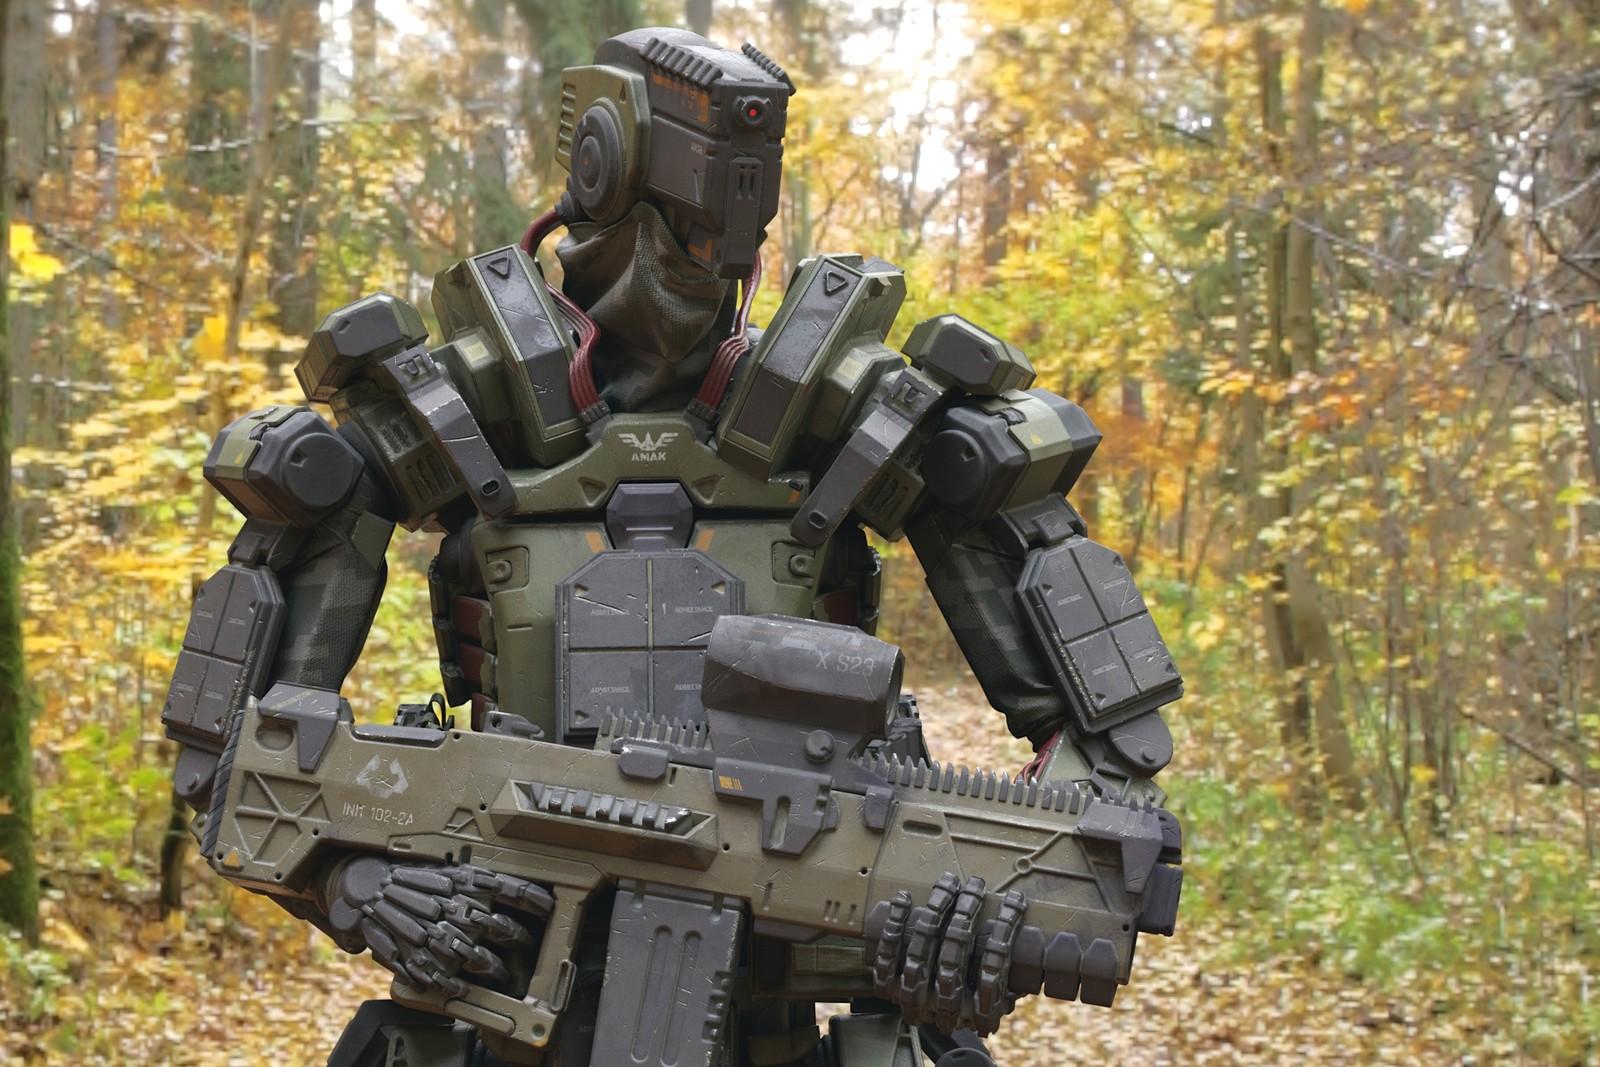 Amak Robot Soldier